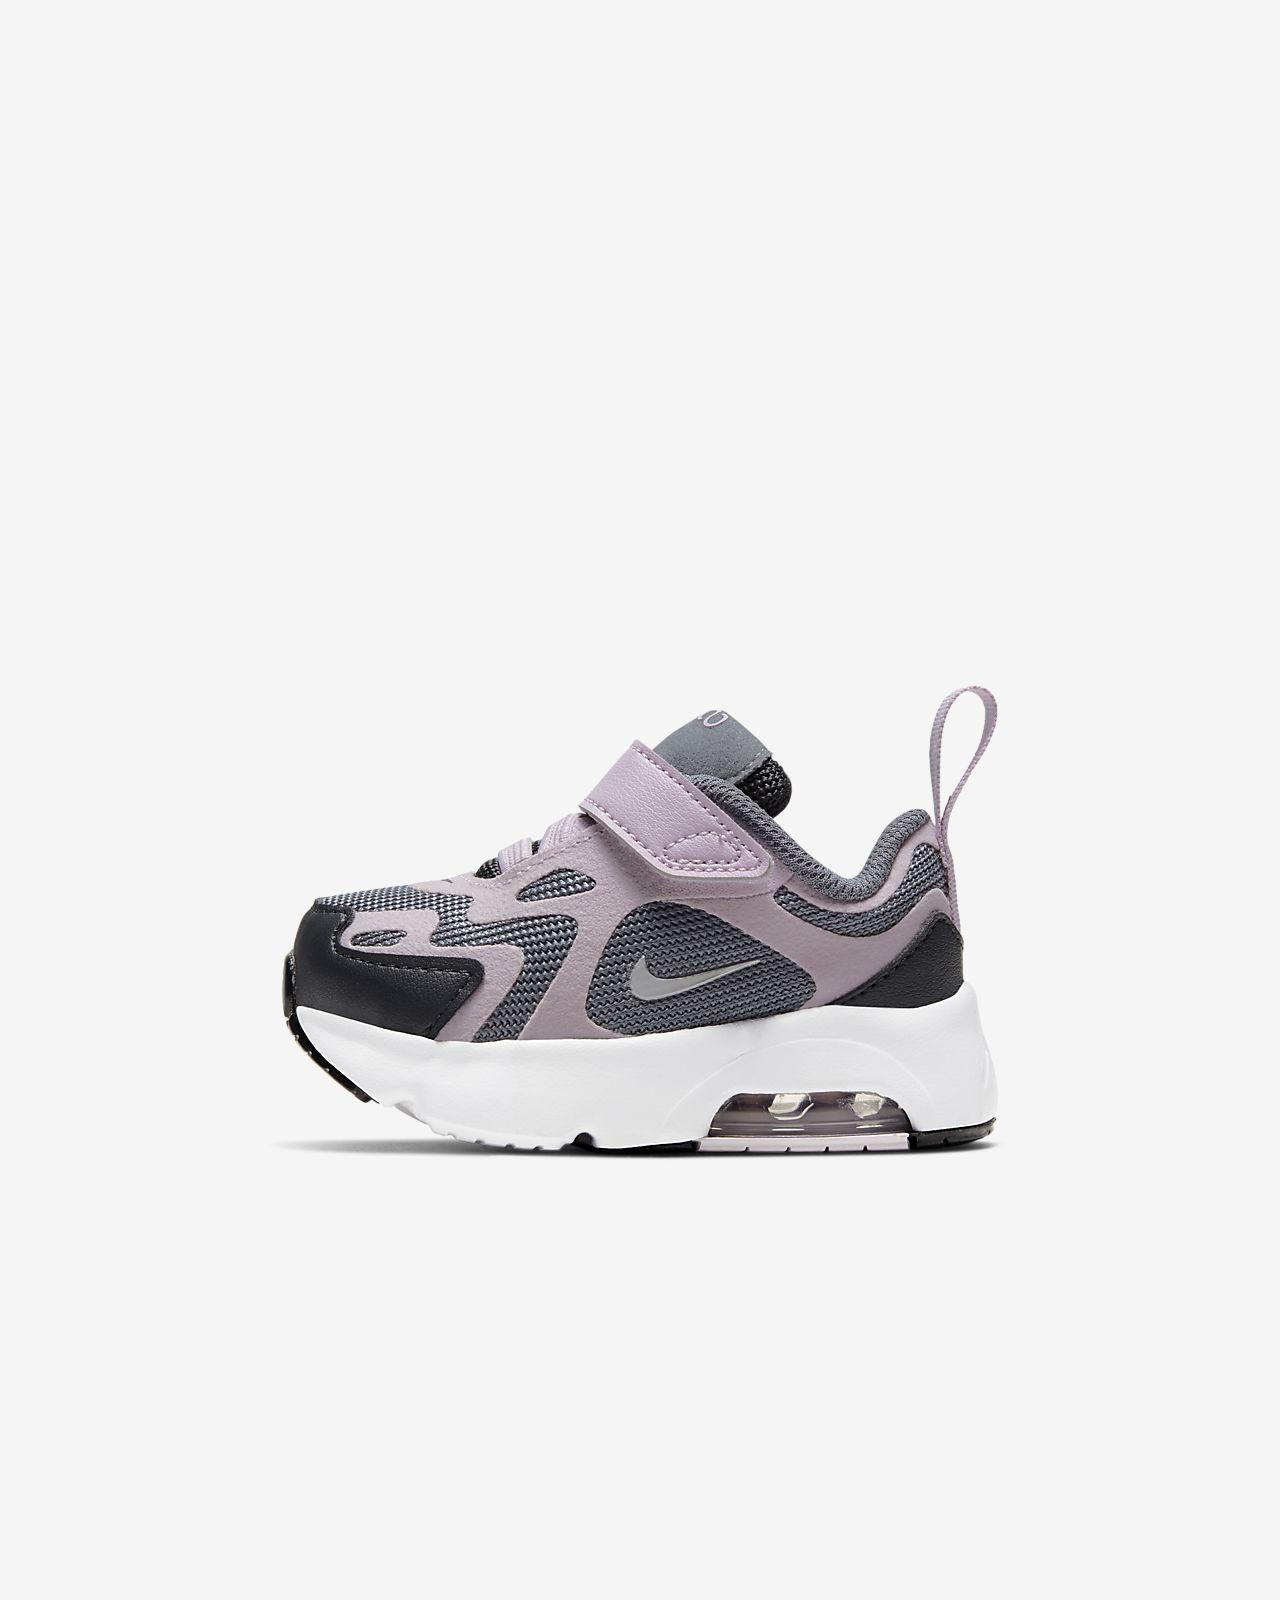 รองเท้าทารก/เด็กวัยหัดเดิน Nike Air Max 200